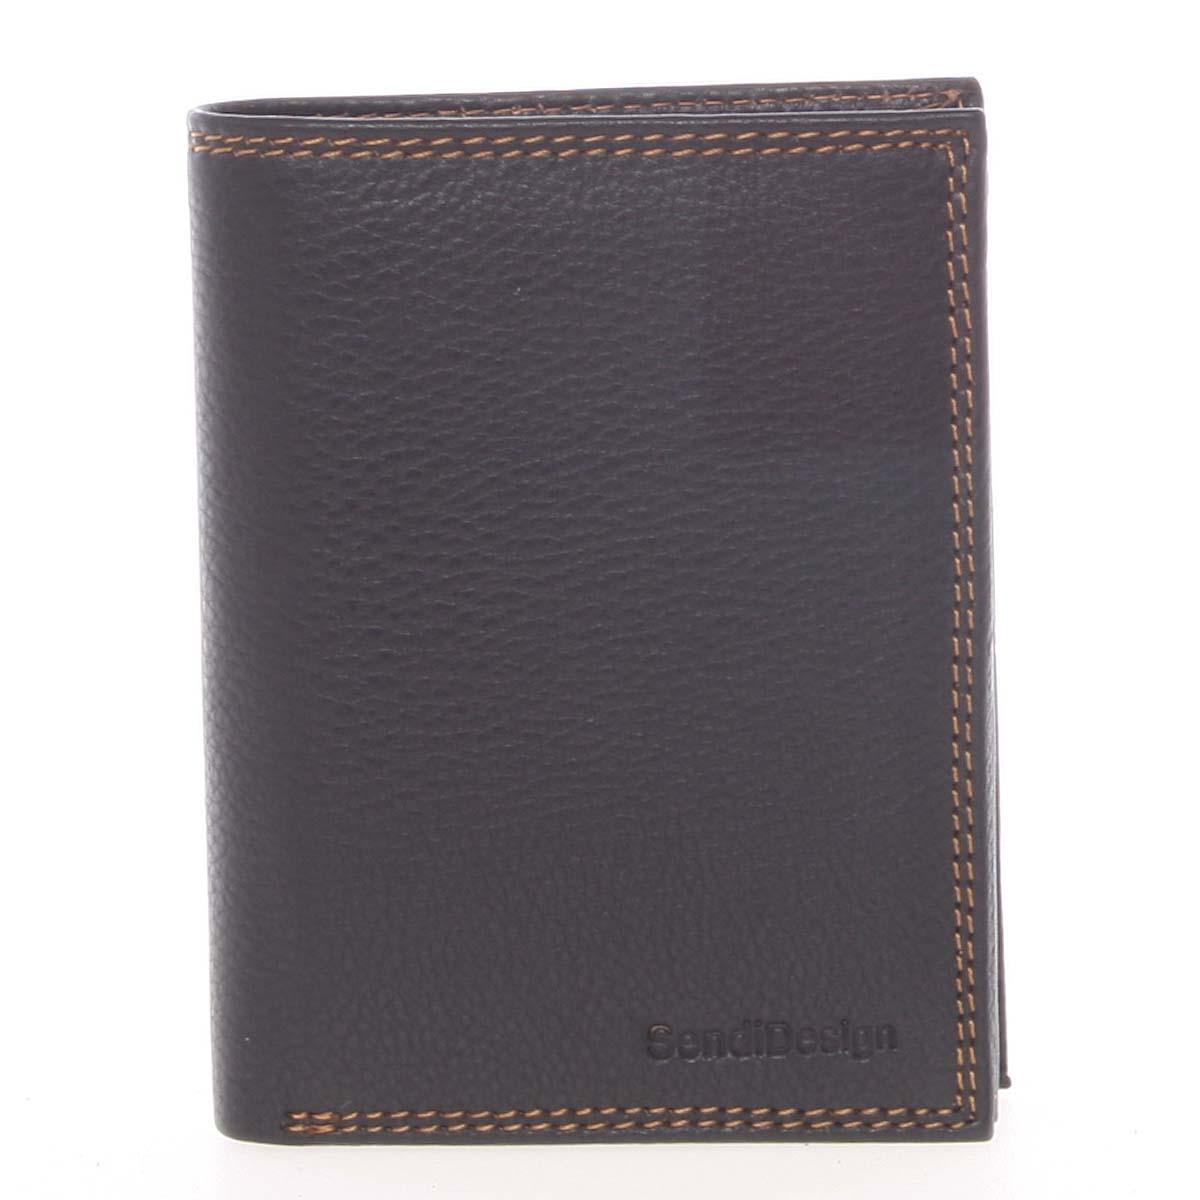 Luxusná pánska kožená čierna voľná peňaženka - SendiDesign Rodion